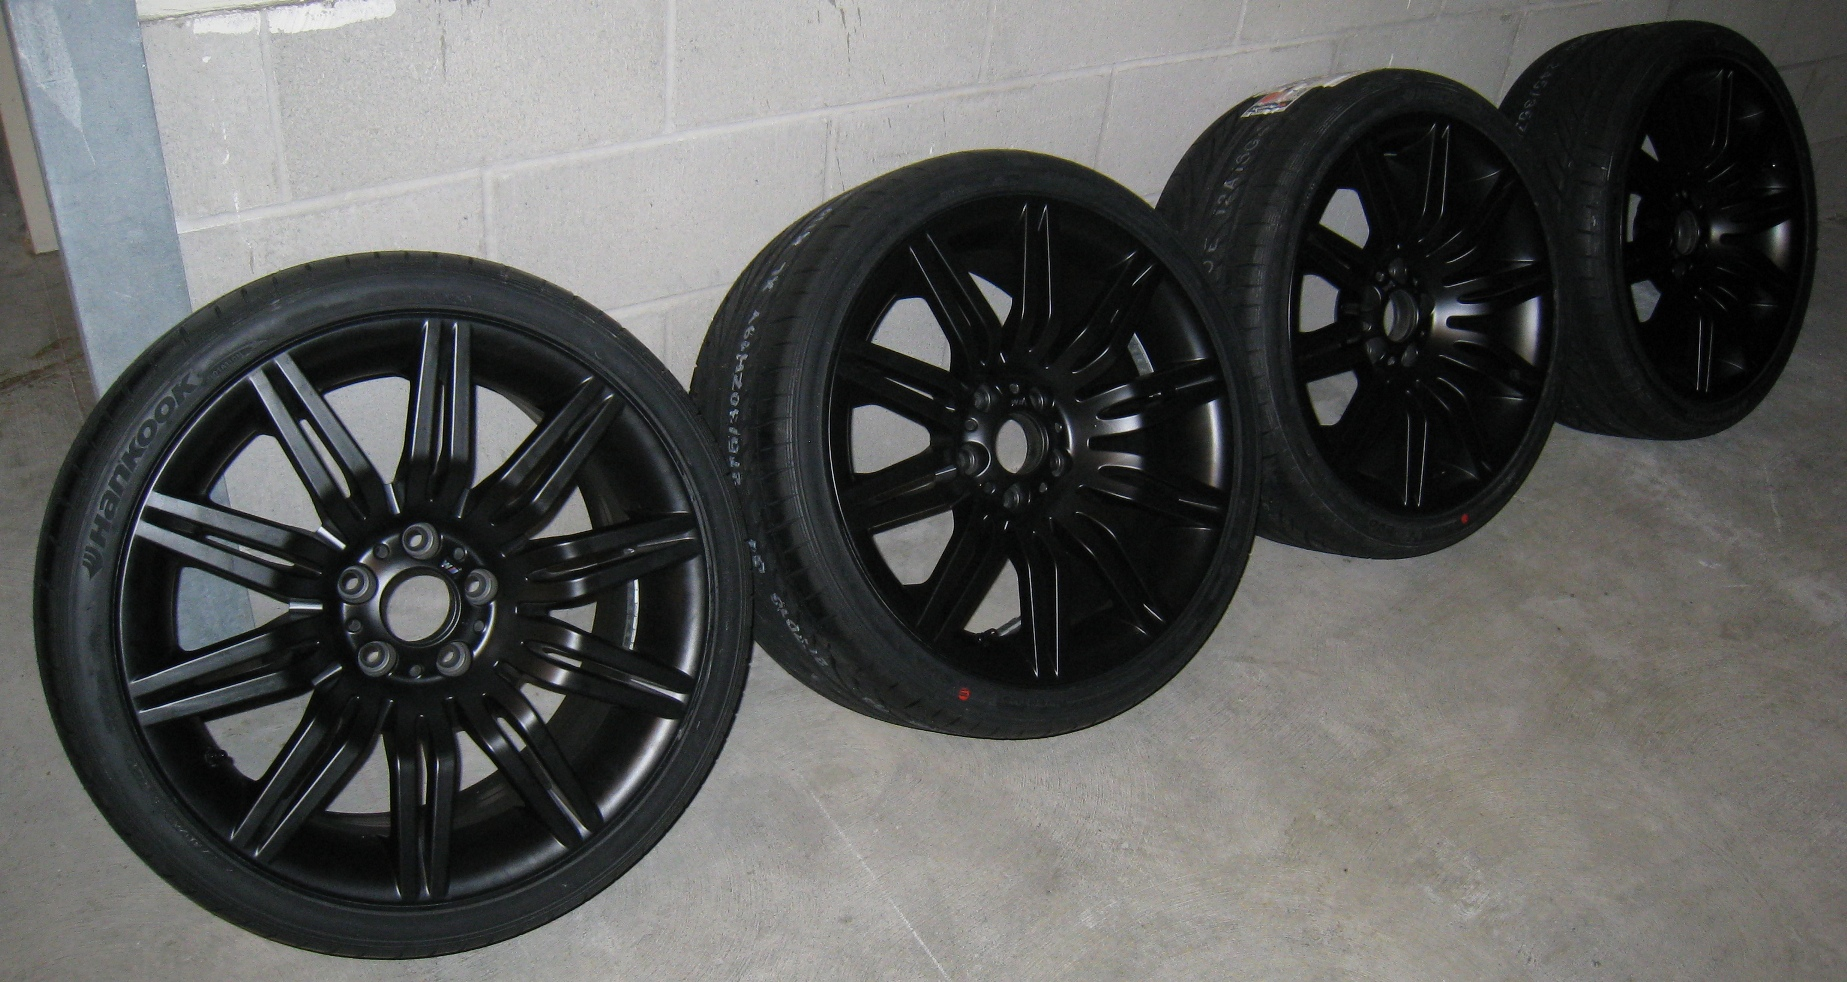 Fs 2008 550i Oem 172 Black Wheels Tires Set Bimmerfest